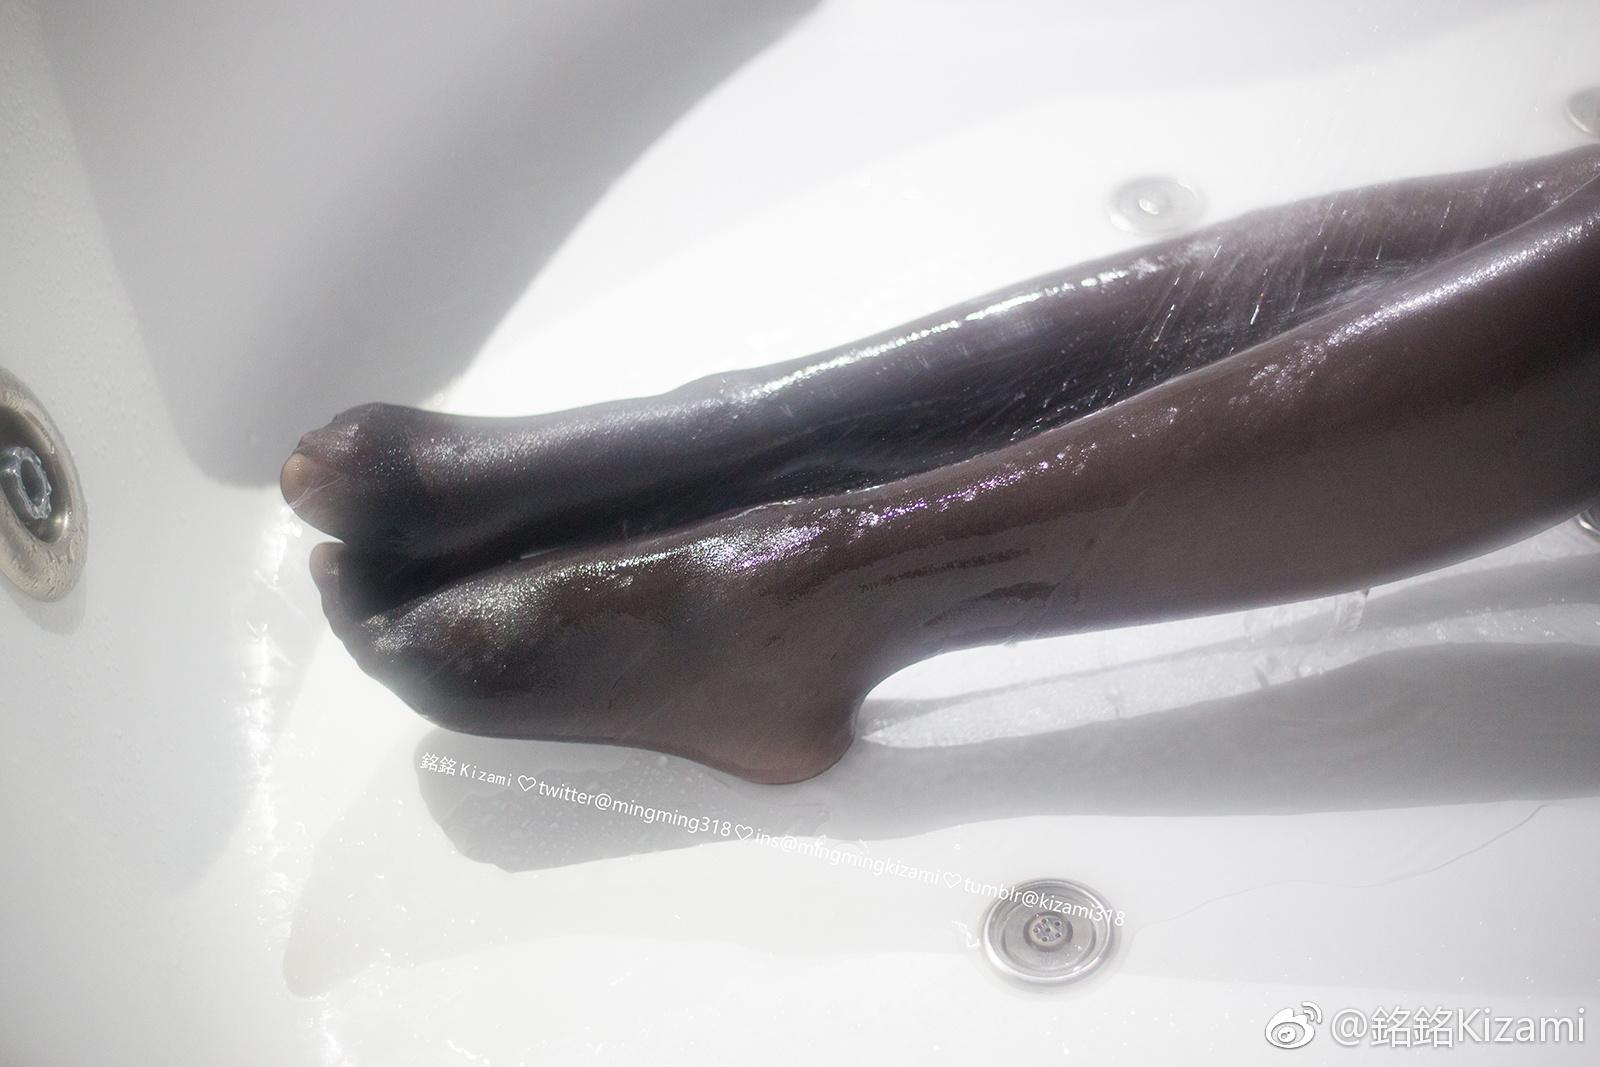 铭铭kizami的新写真福利预览,浴缸里的湿袜腿子(8P)